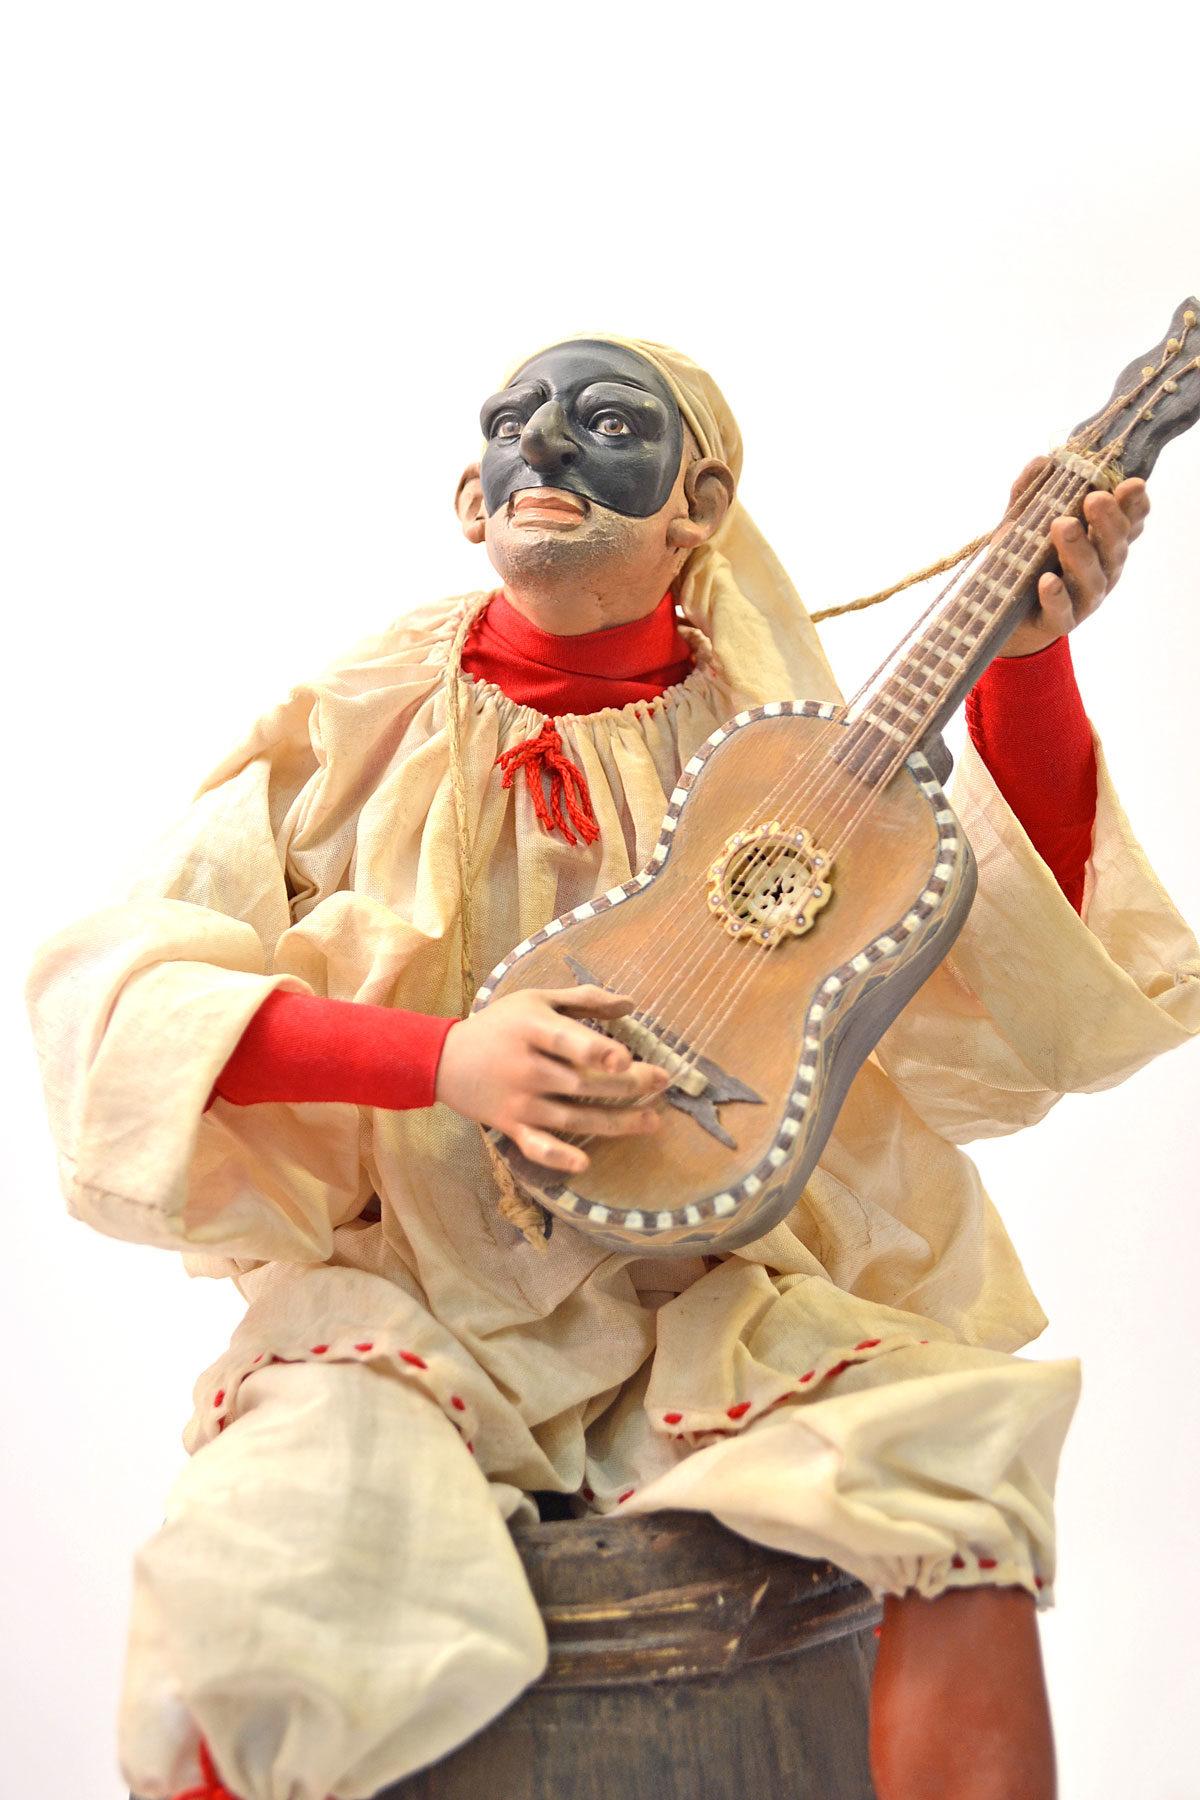 pulcinella-pastore-con-chitarra-battente-web